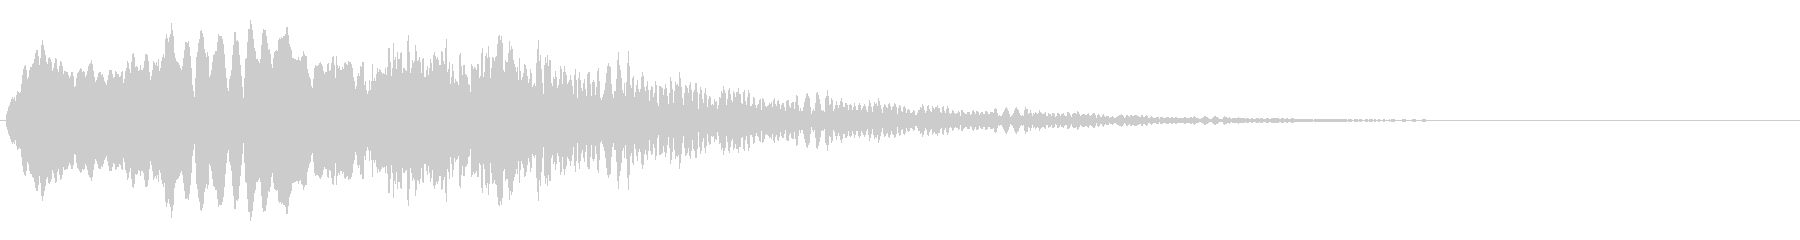 不気味な笛の未再生の波形